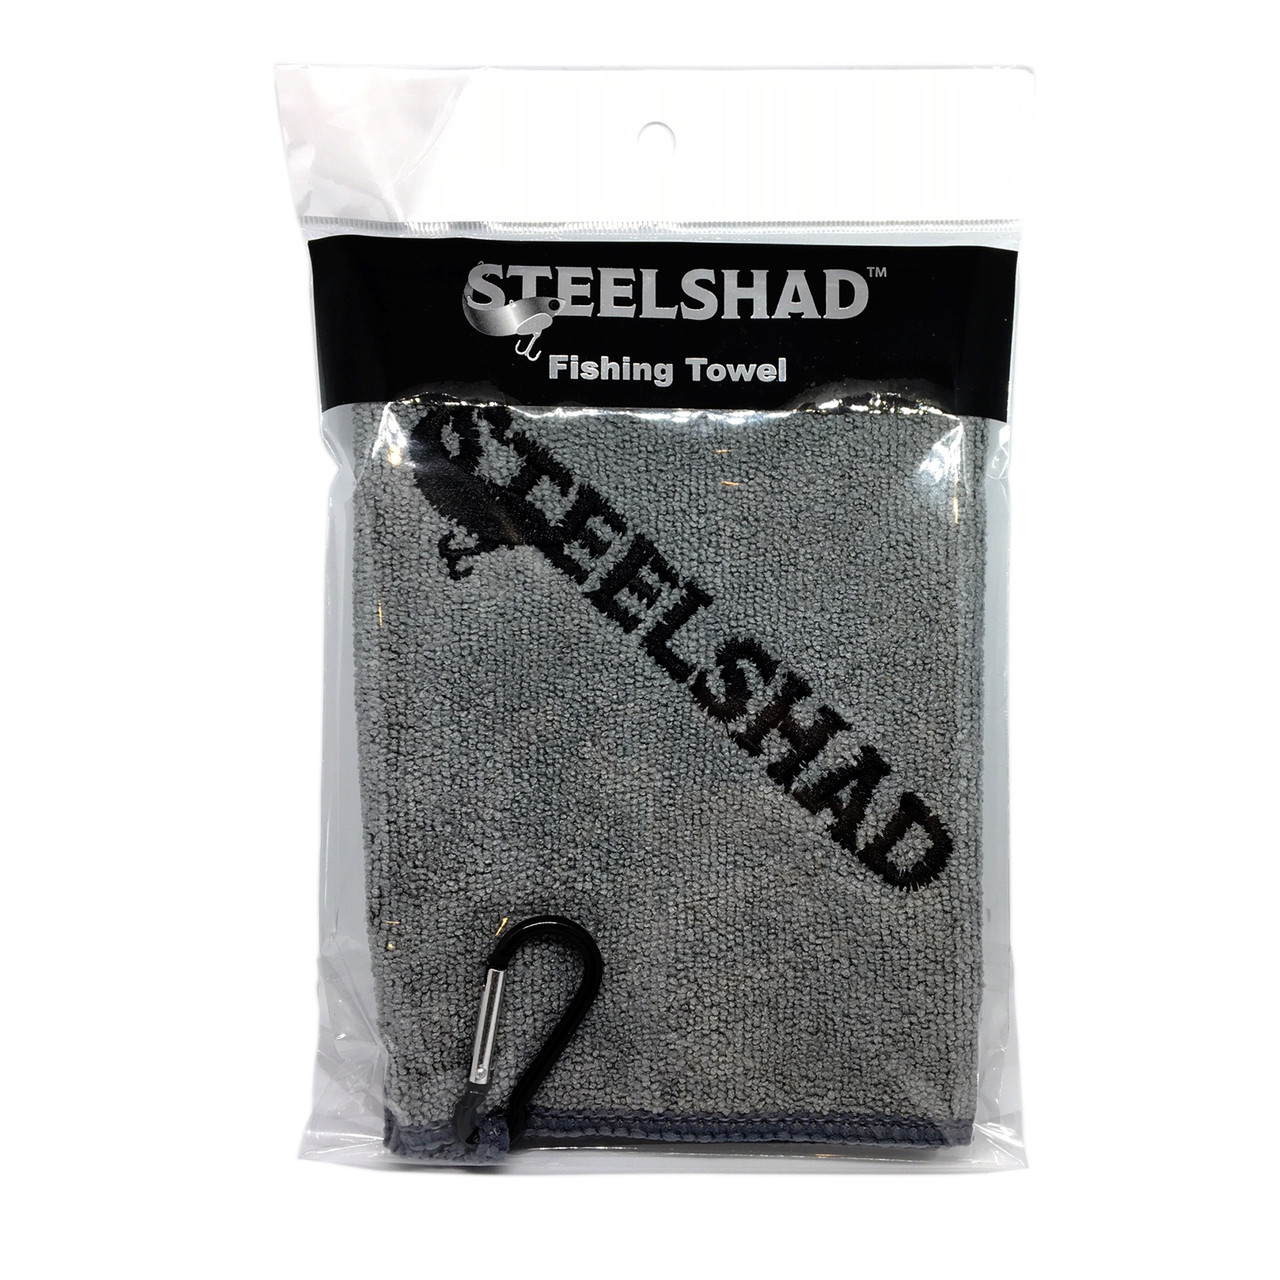 SteelShad Fishing Towel